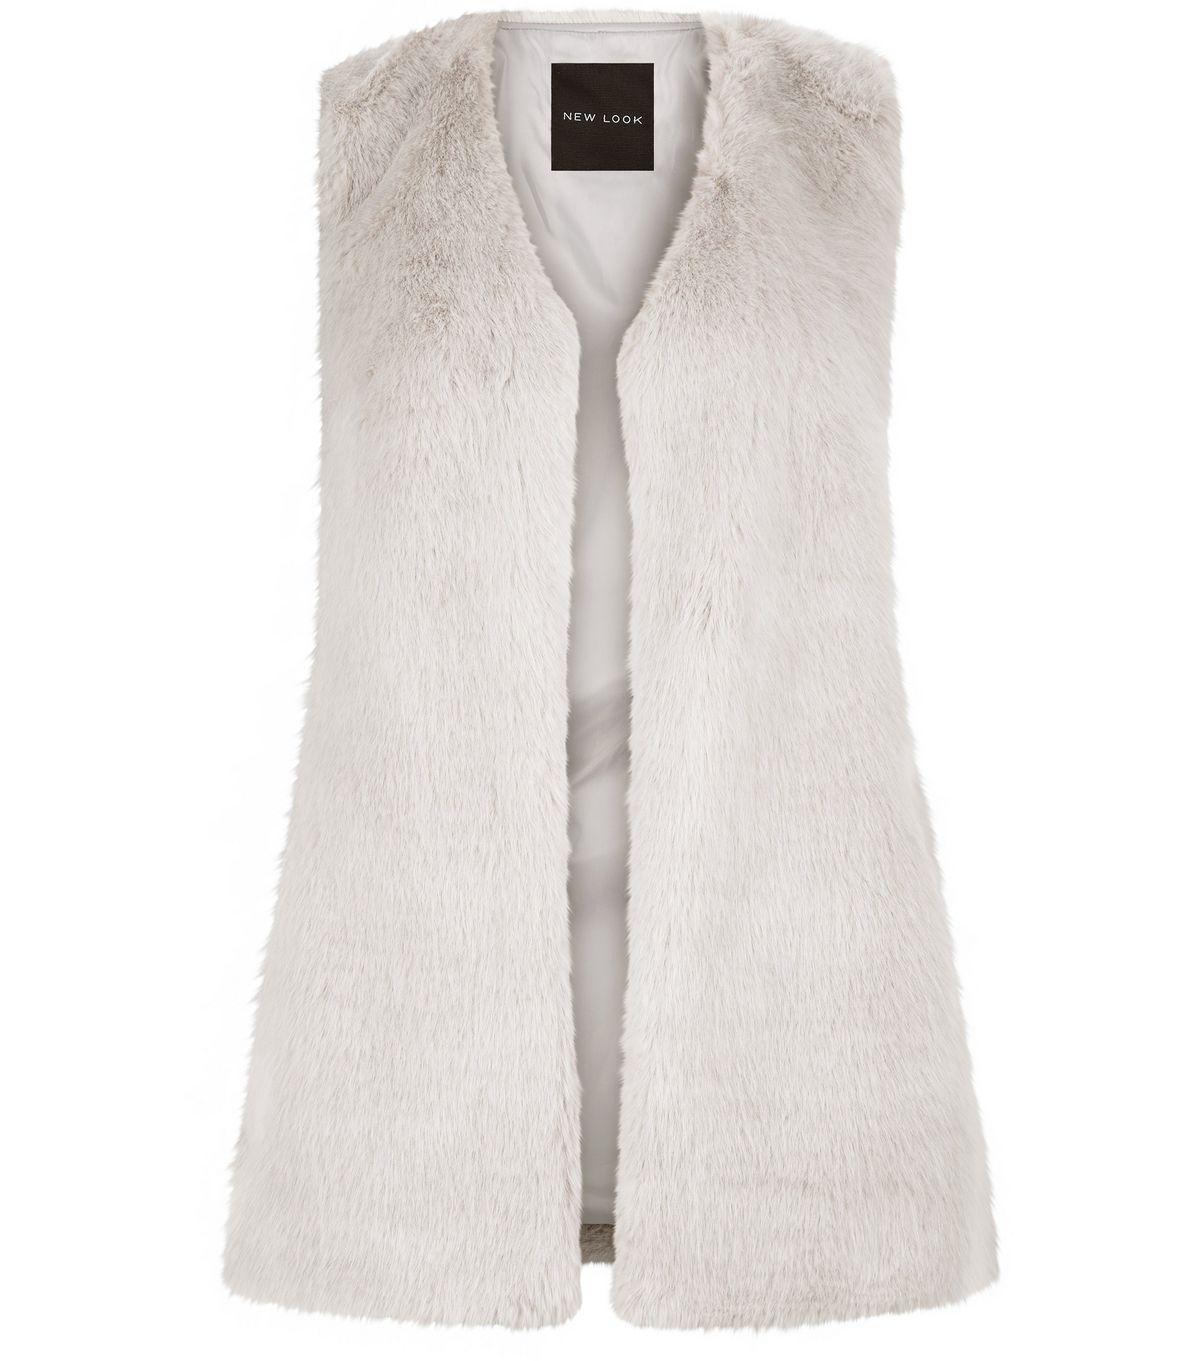 gilet, autumn fashion for under £35